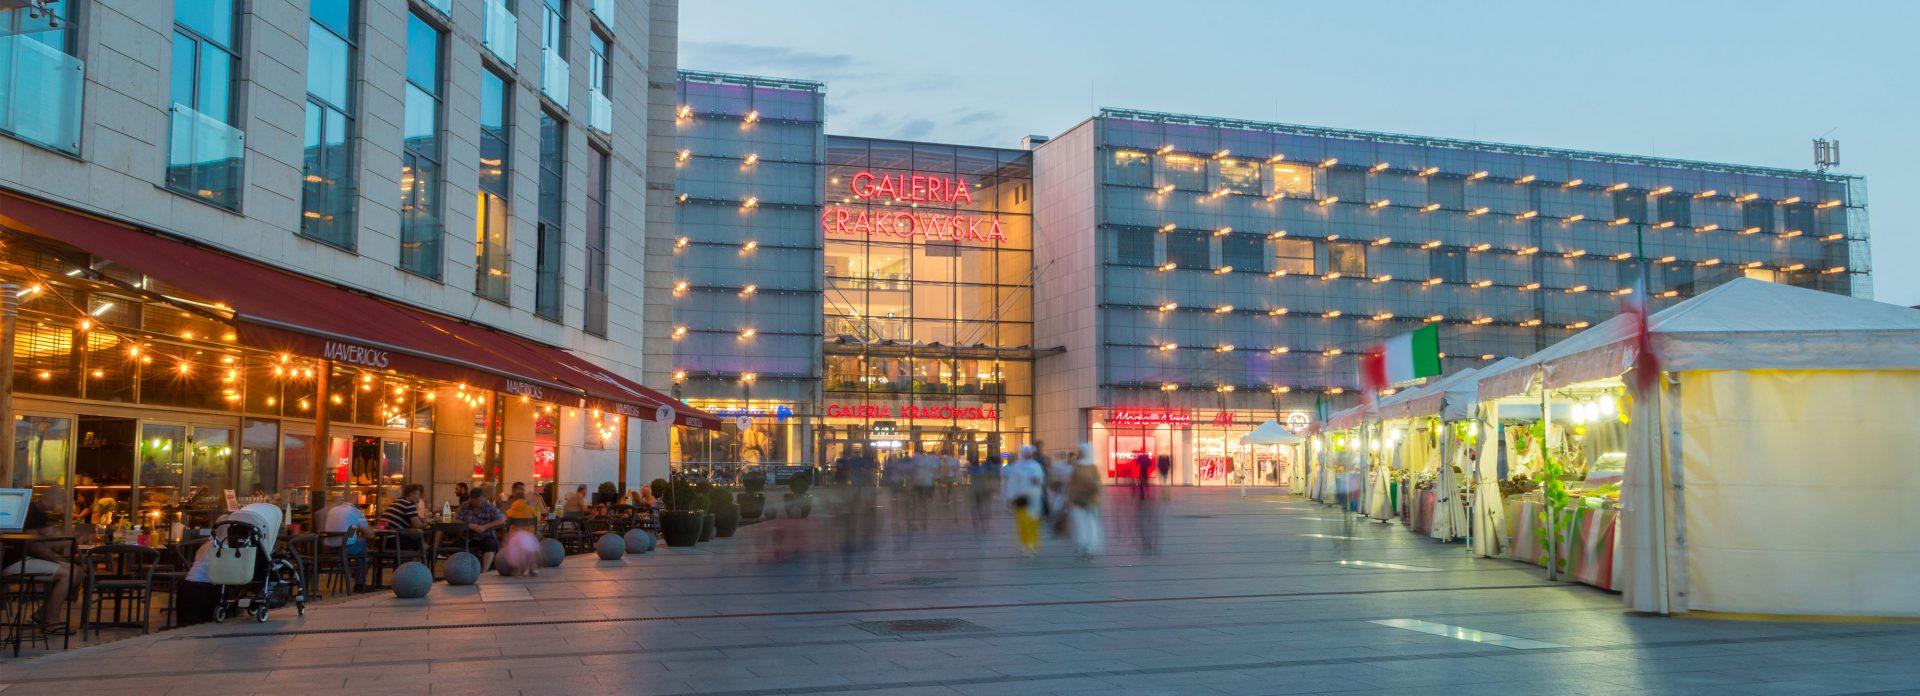 Galeria Krakowska Polen Krakow kjøpesenter